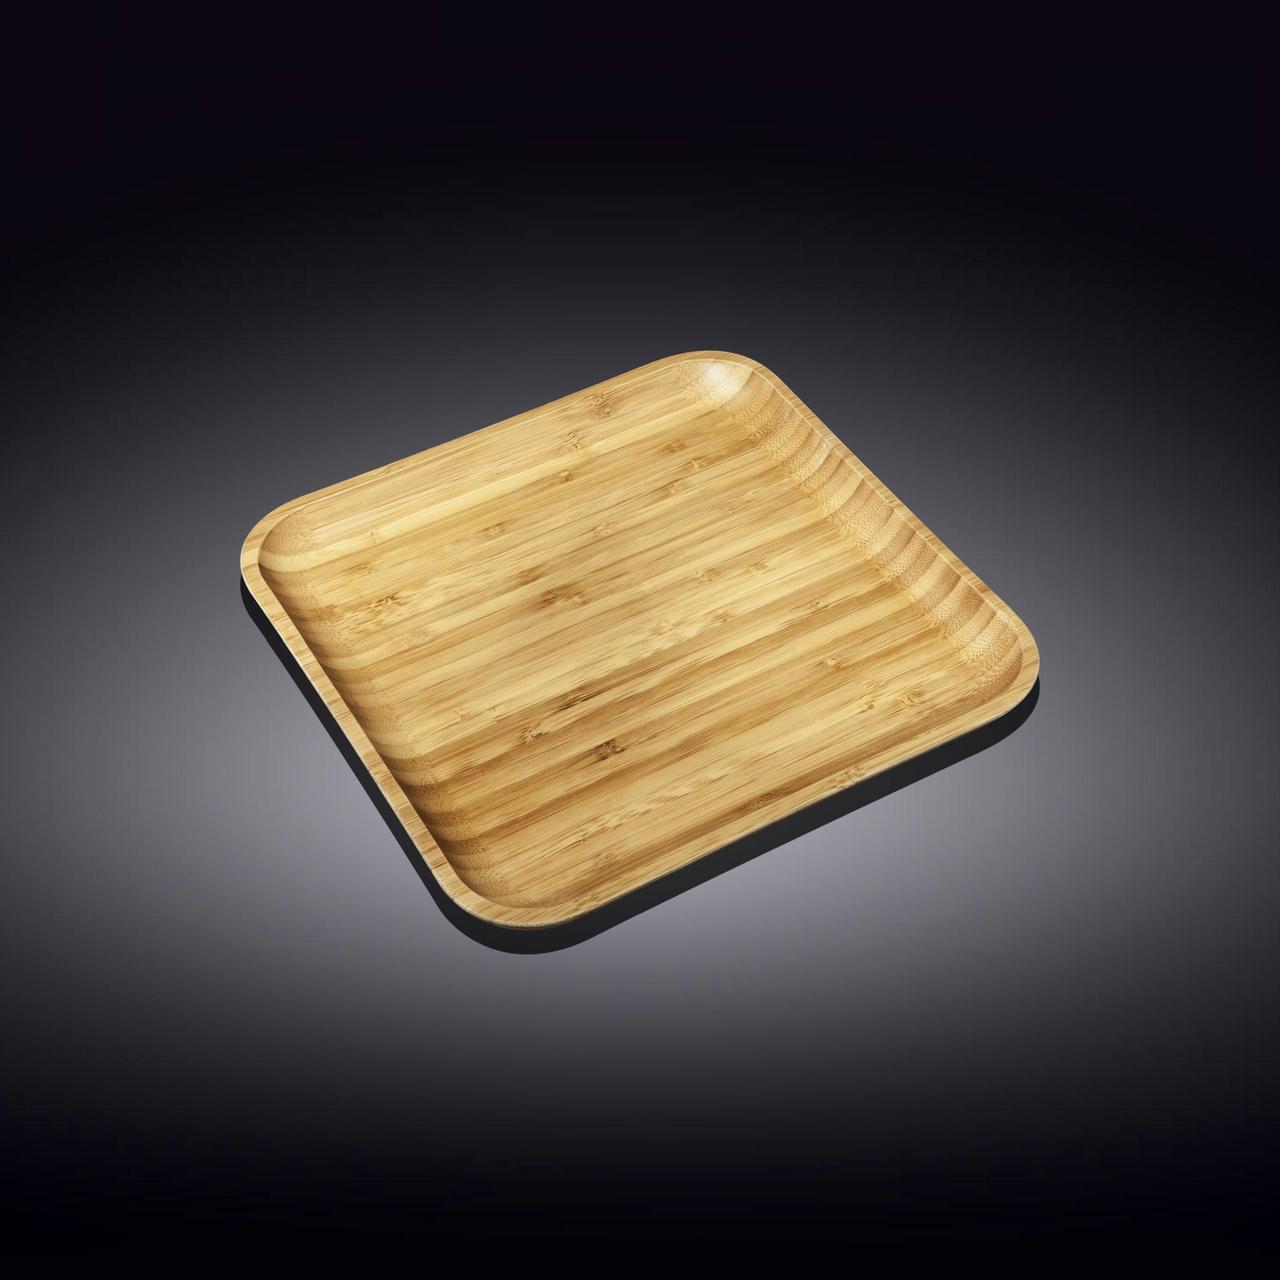 Сервировочное блюдо 20,5x 20,5 см Wilmax бамбуковое квадратное